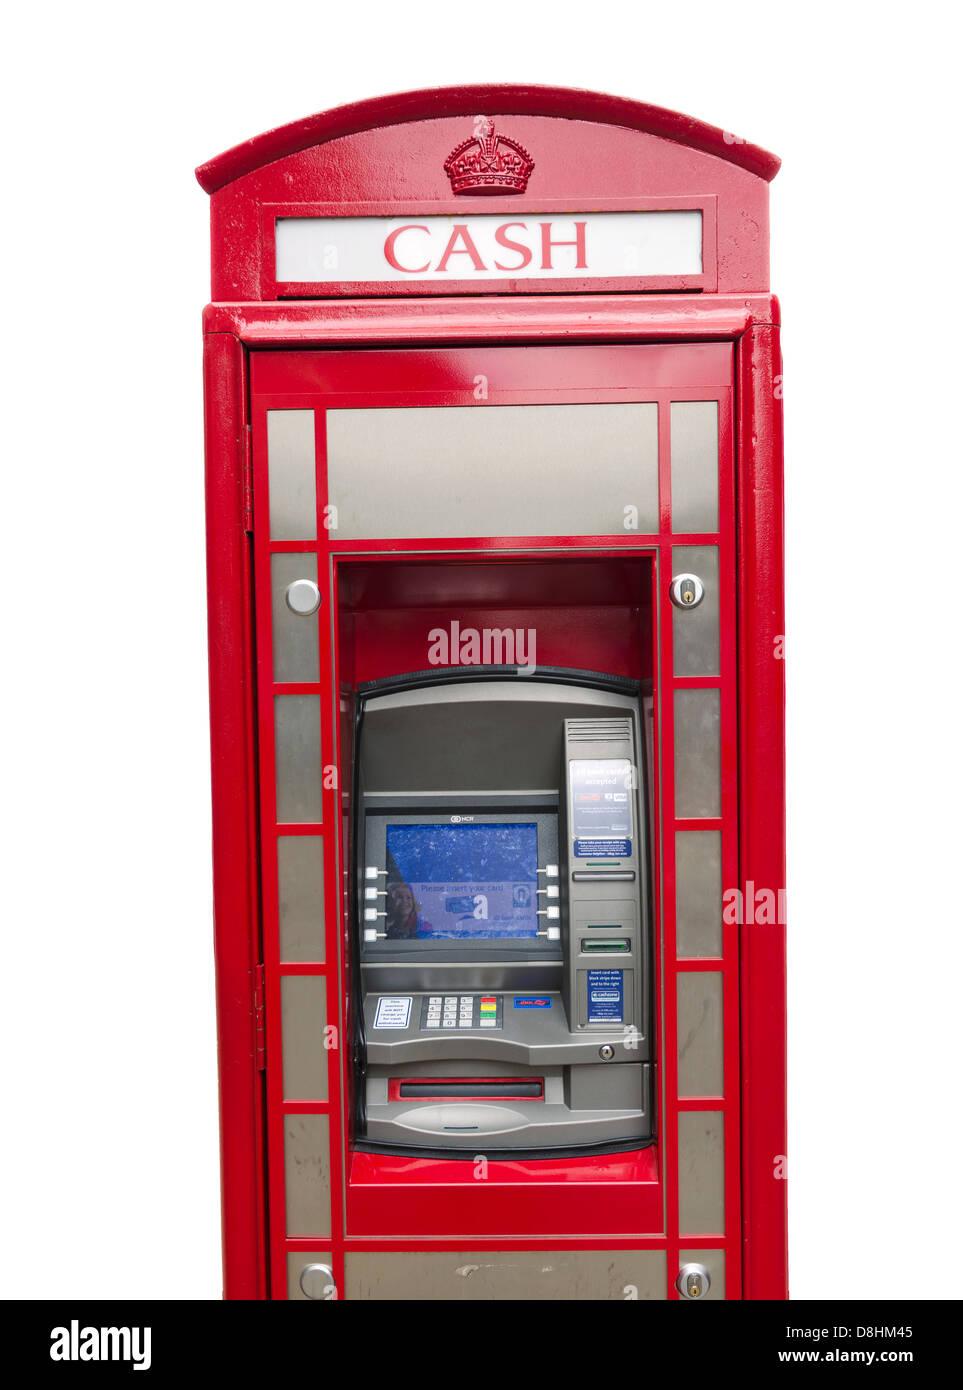 Cajero automático ATM incorporada en el cuadro Teléfono Imagen De Stock